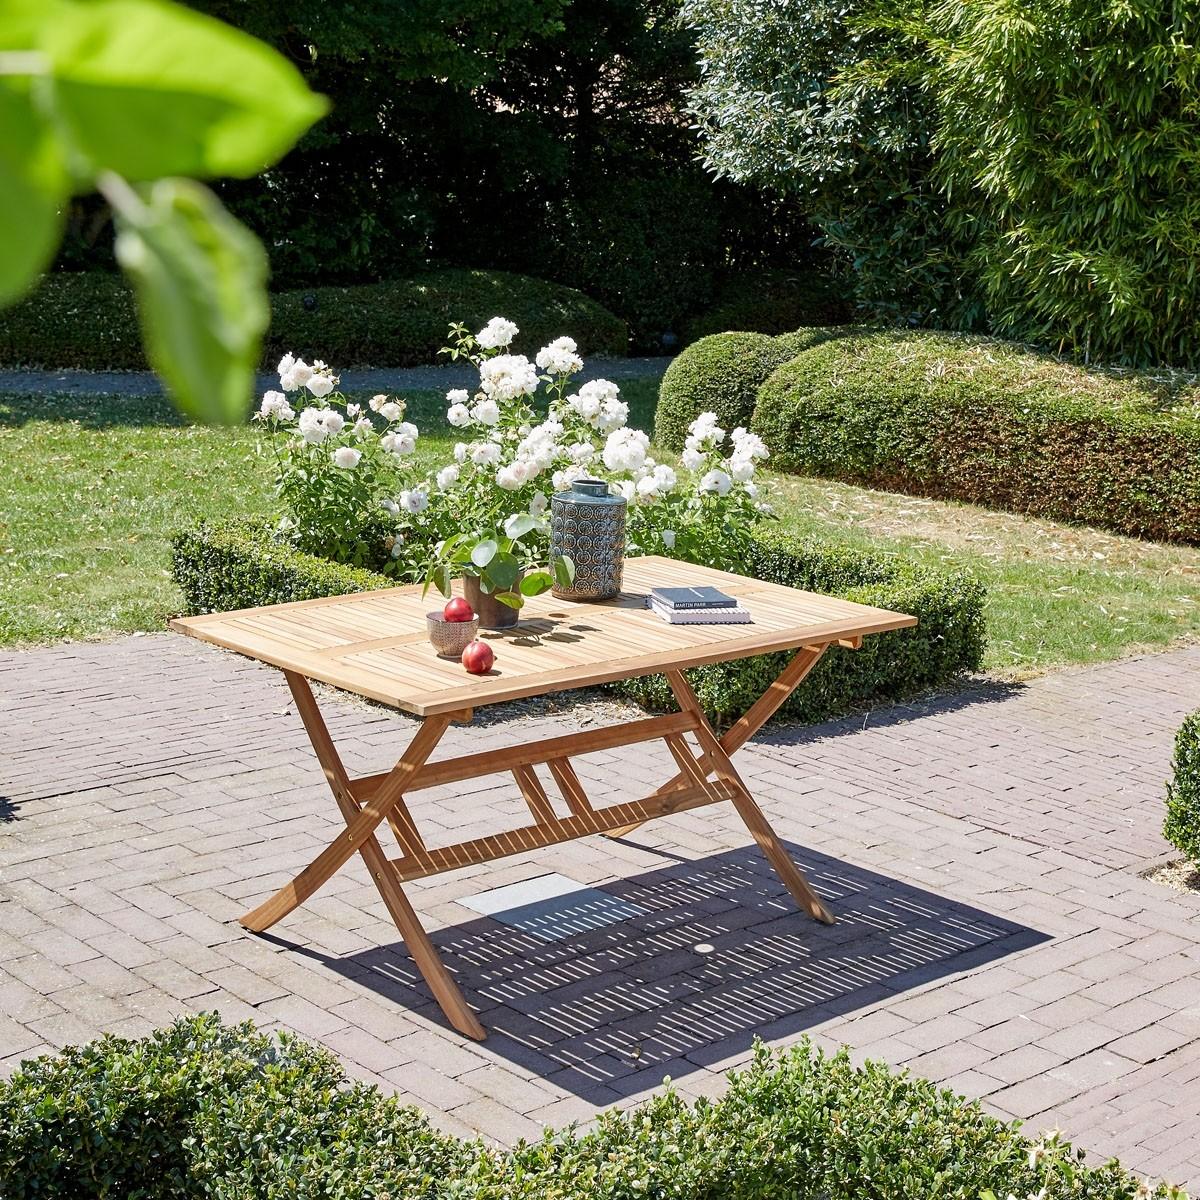 Salon de jardin en bois d\'acacia FSC 150x90 - Bois dessus bois dessous